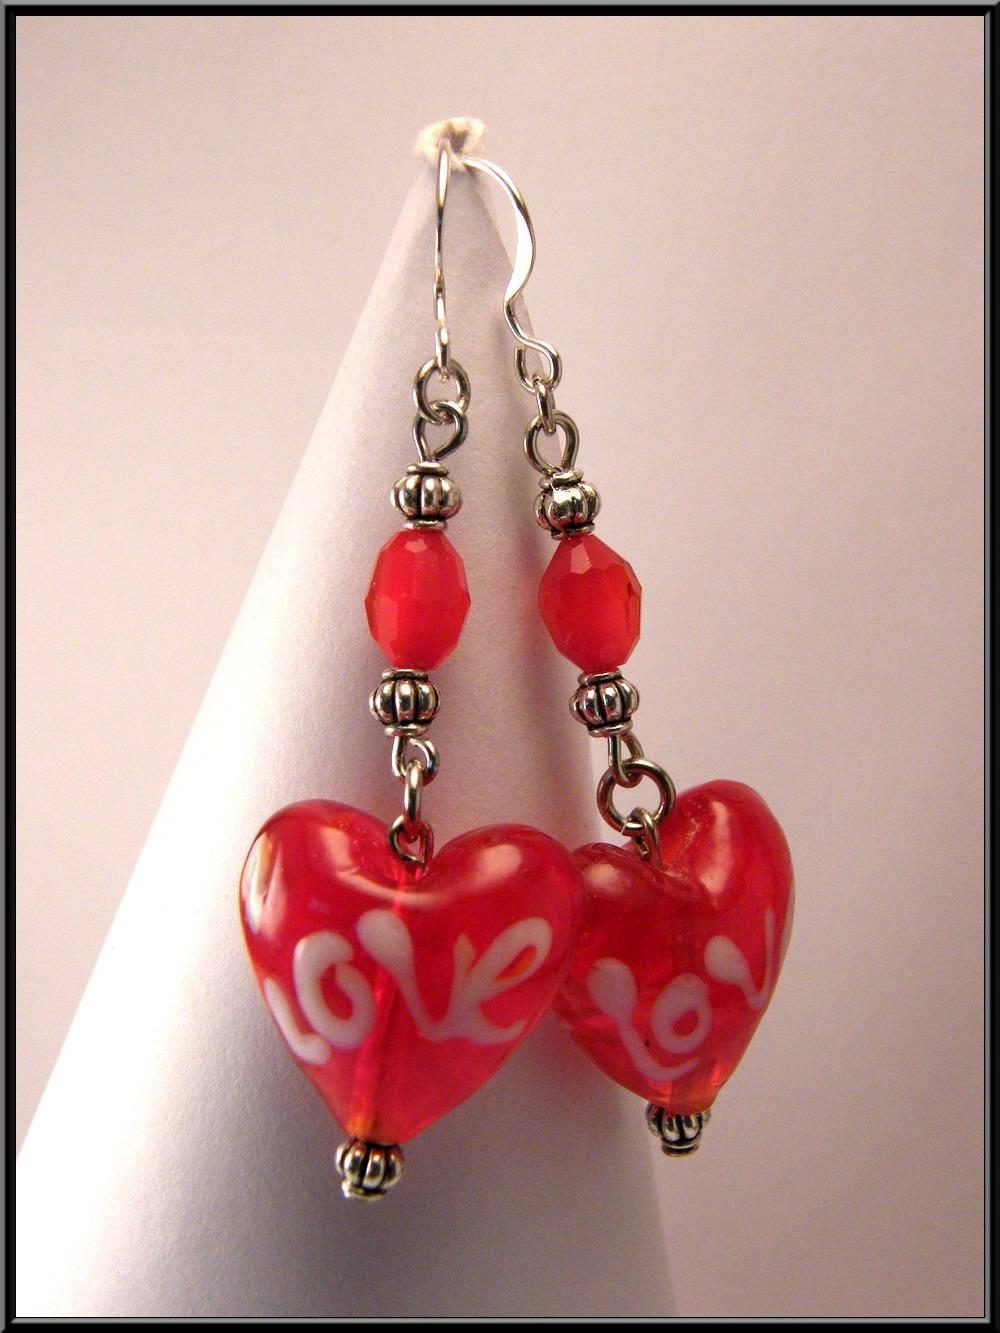 Boucles d'oreille coeur LOVE verre et facette en cristal, argent 925.